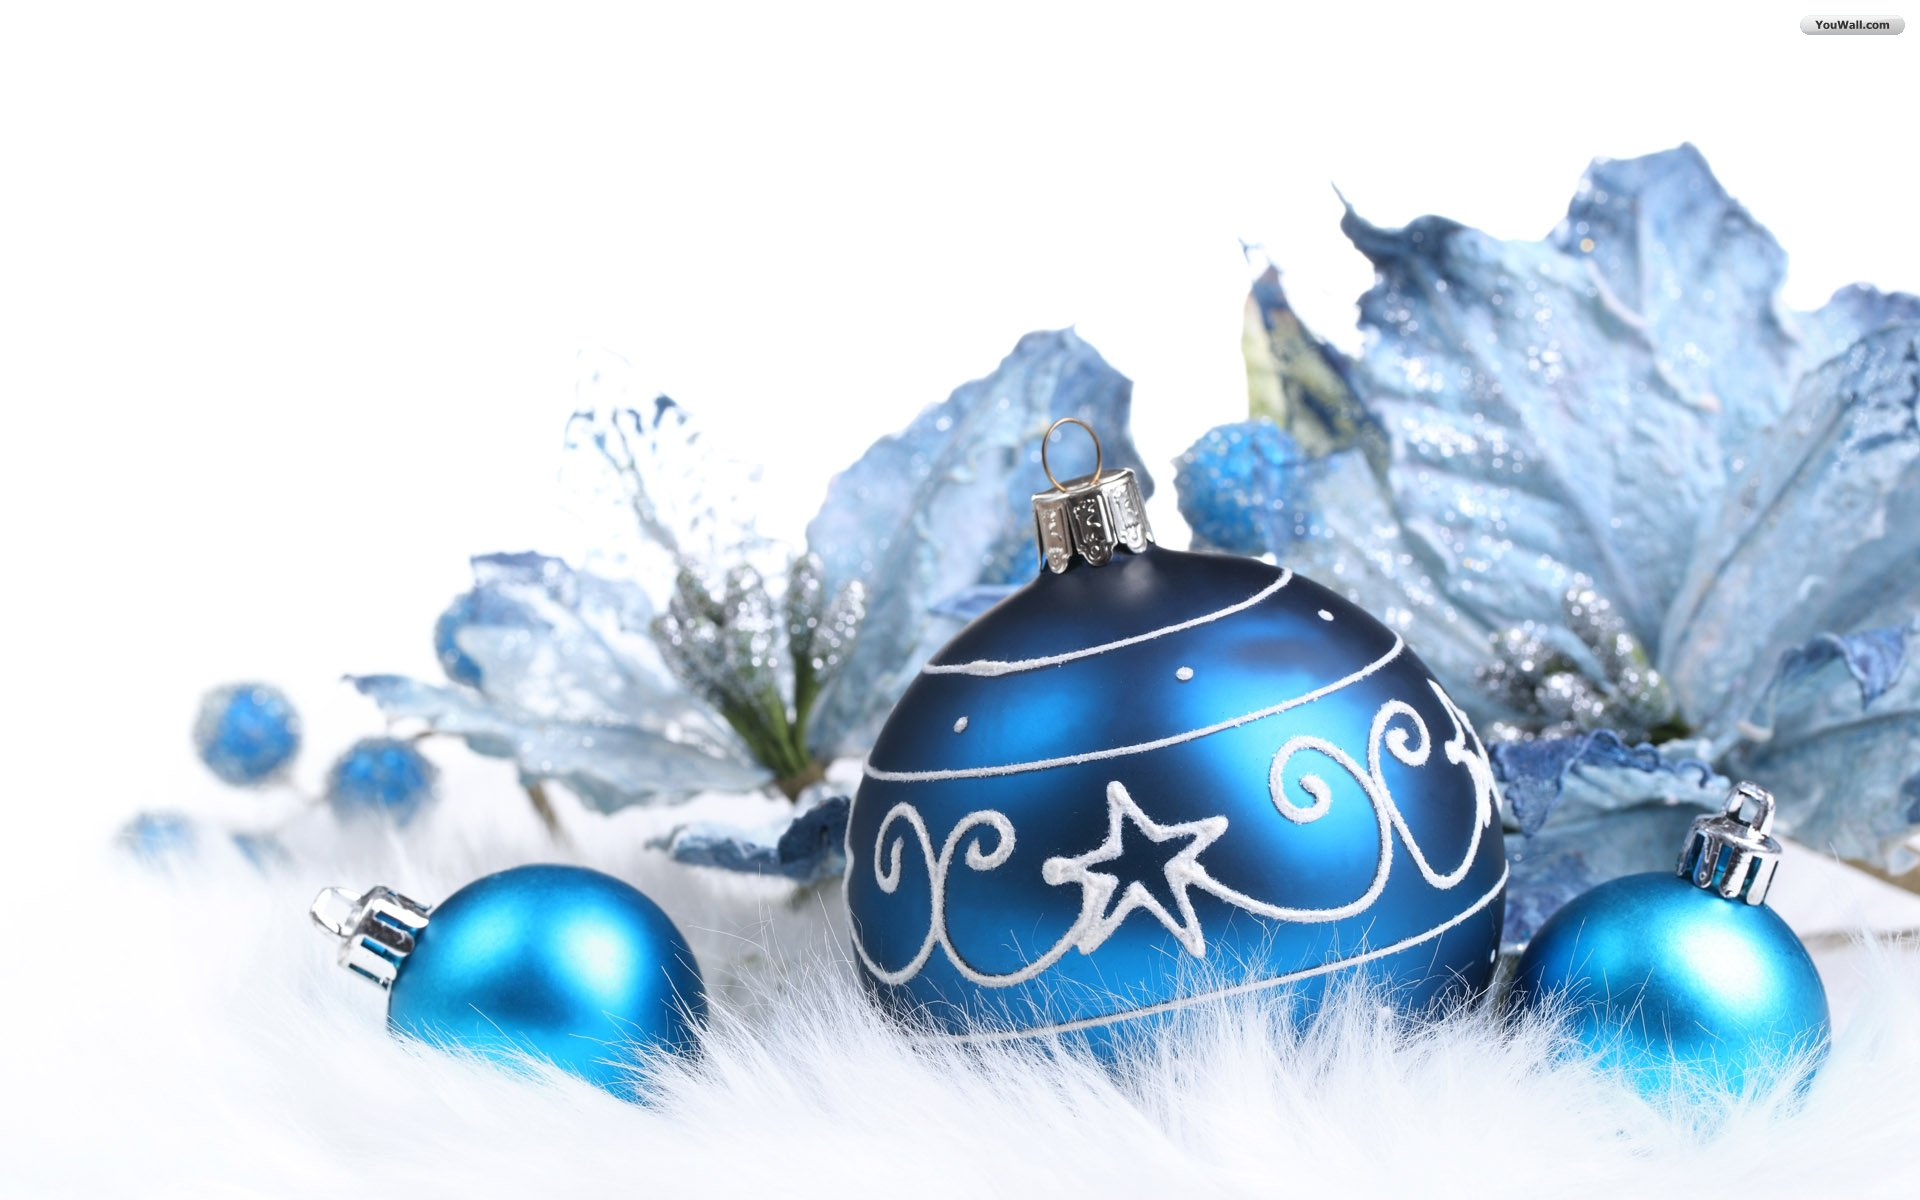 Afbeeldingsresultaat voor kerstwensen